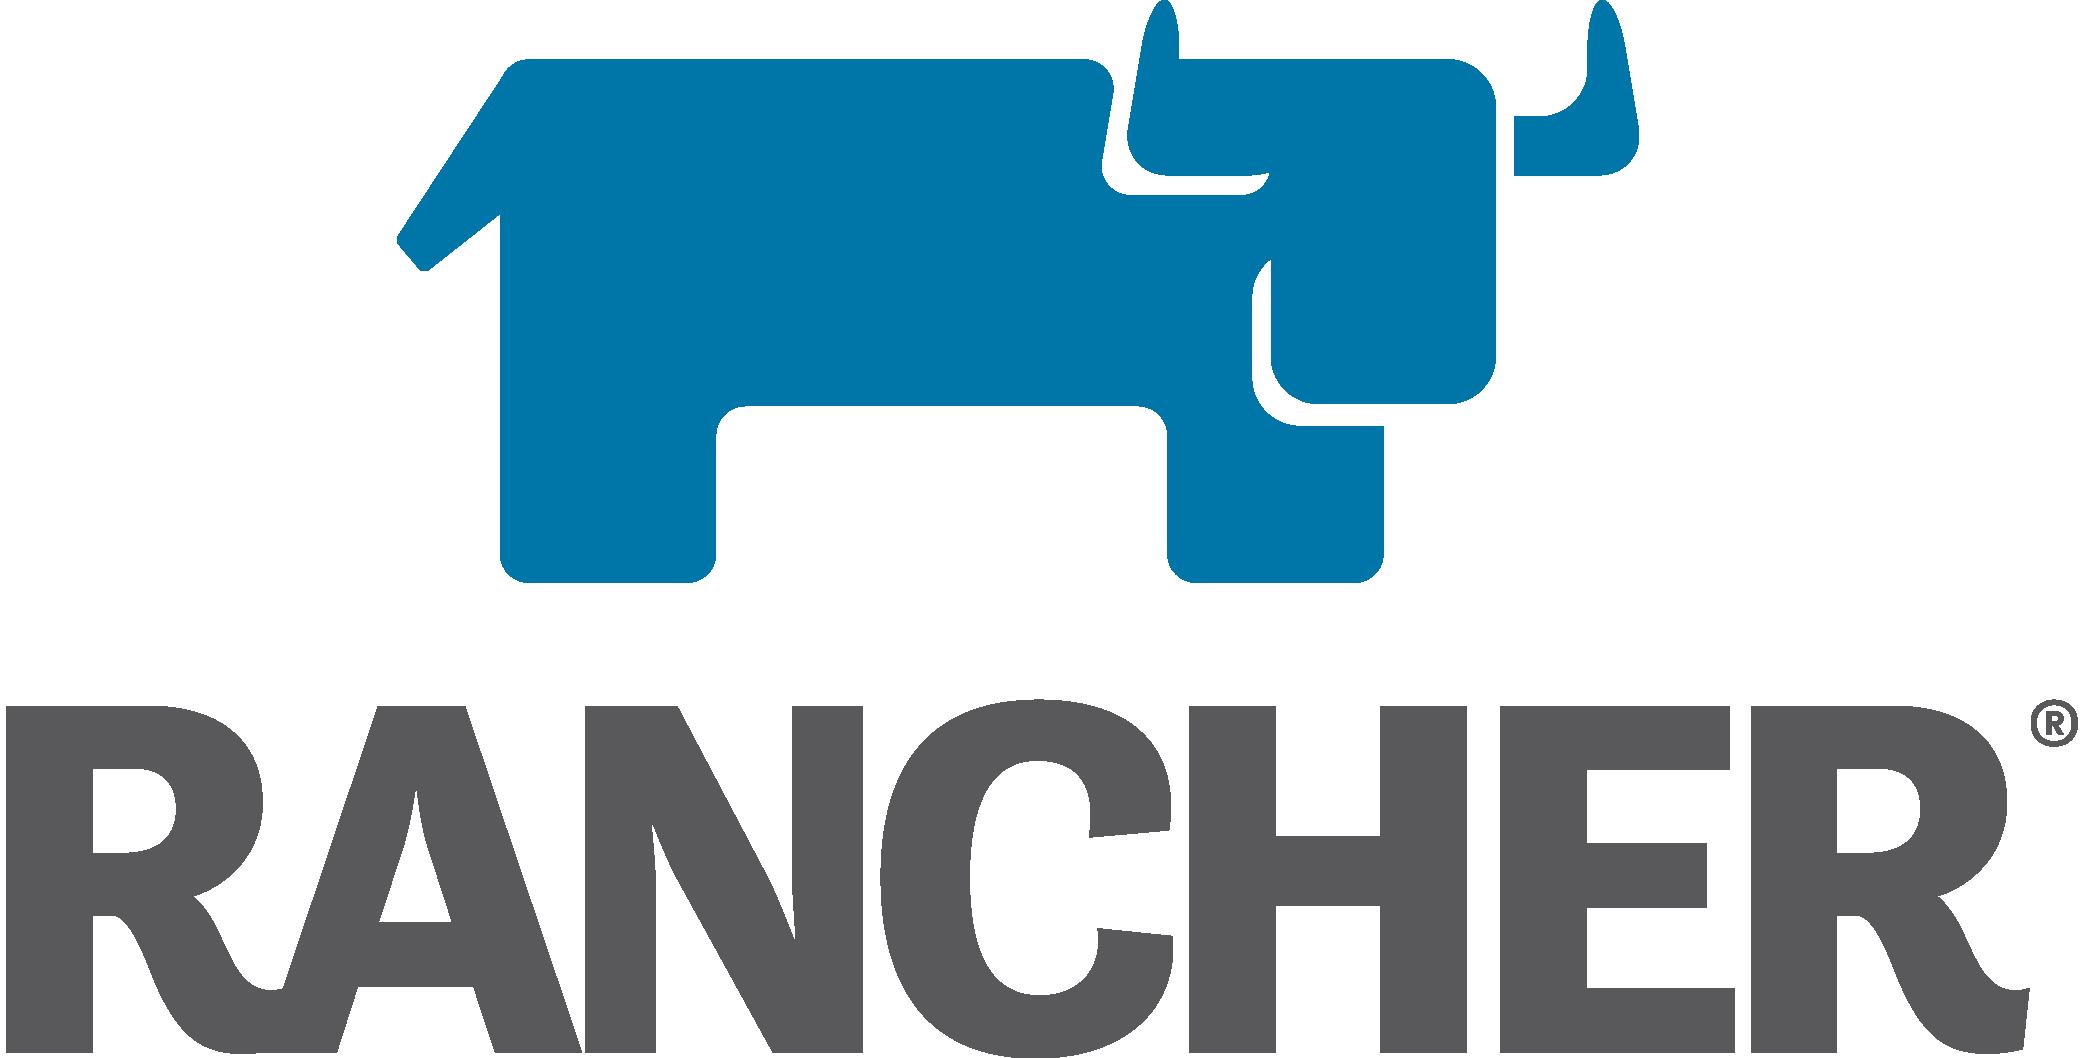 rancher logo